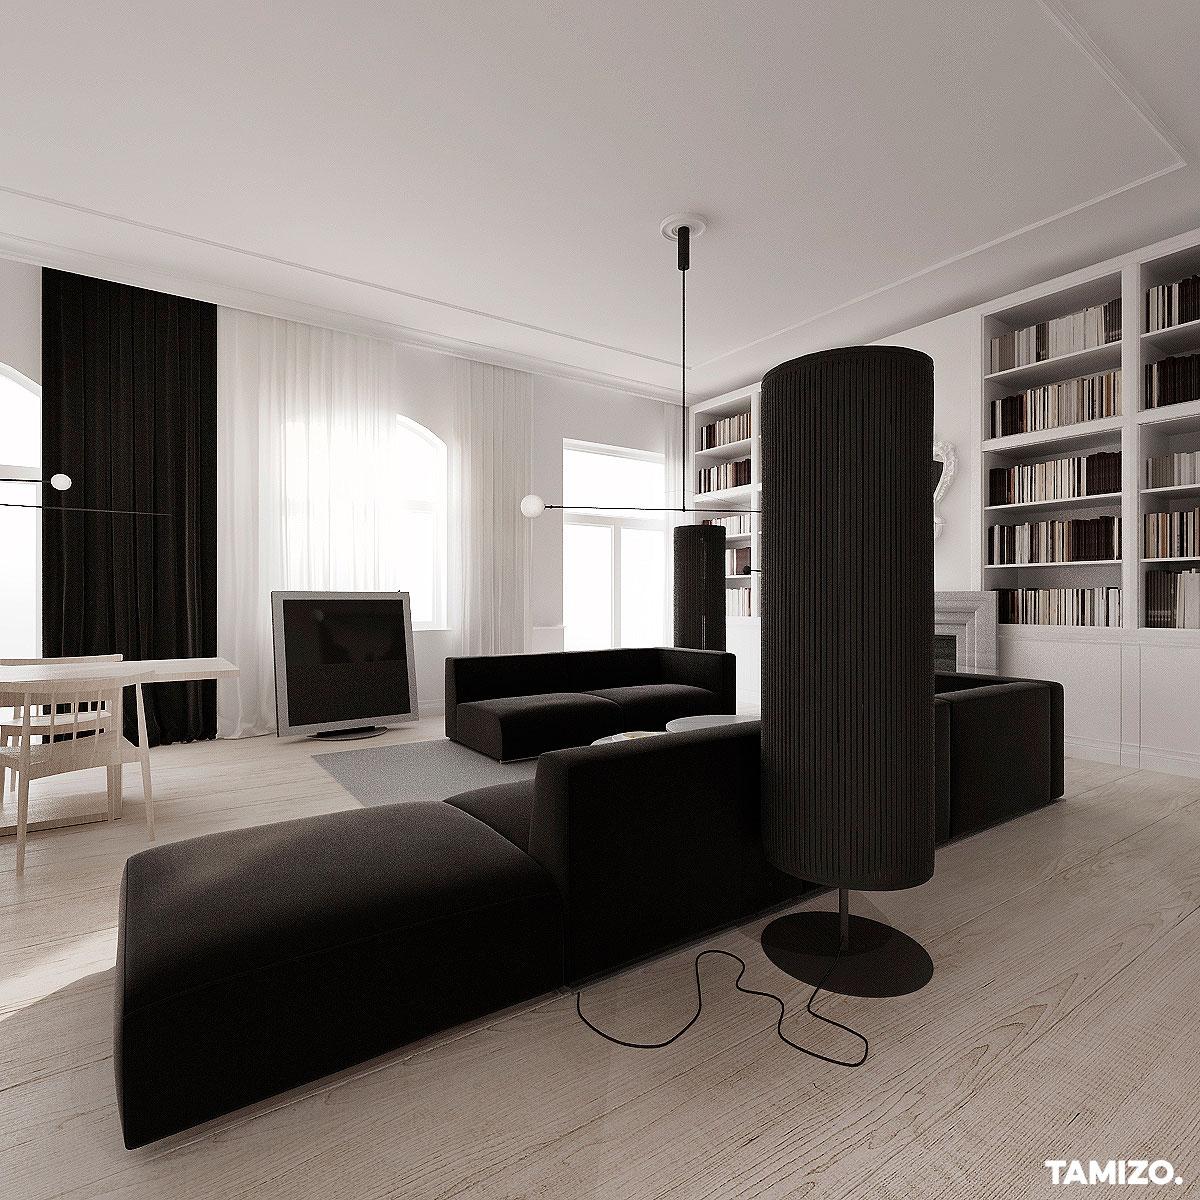 I057_tamizo_architekci_projekt-wnetrz-stara-kamienica-wnetrze-klasyczne-minimalizm-warszawa-02